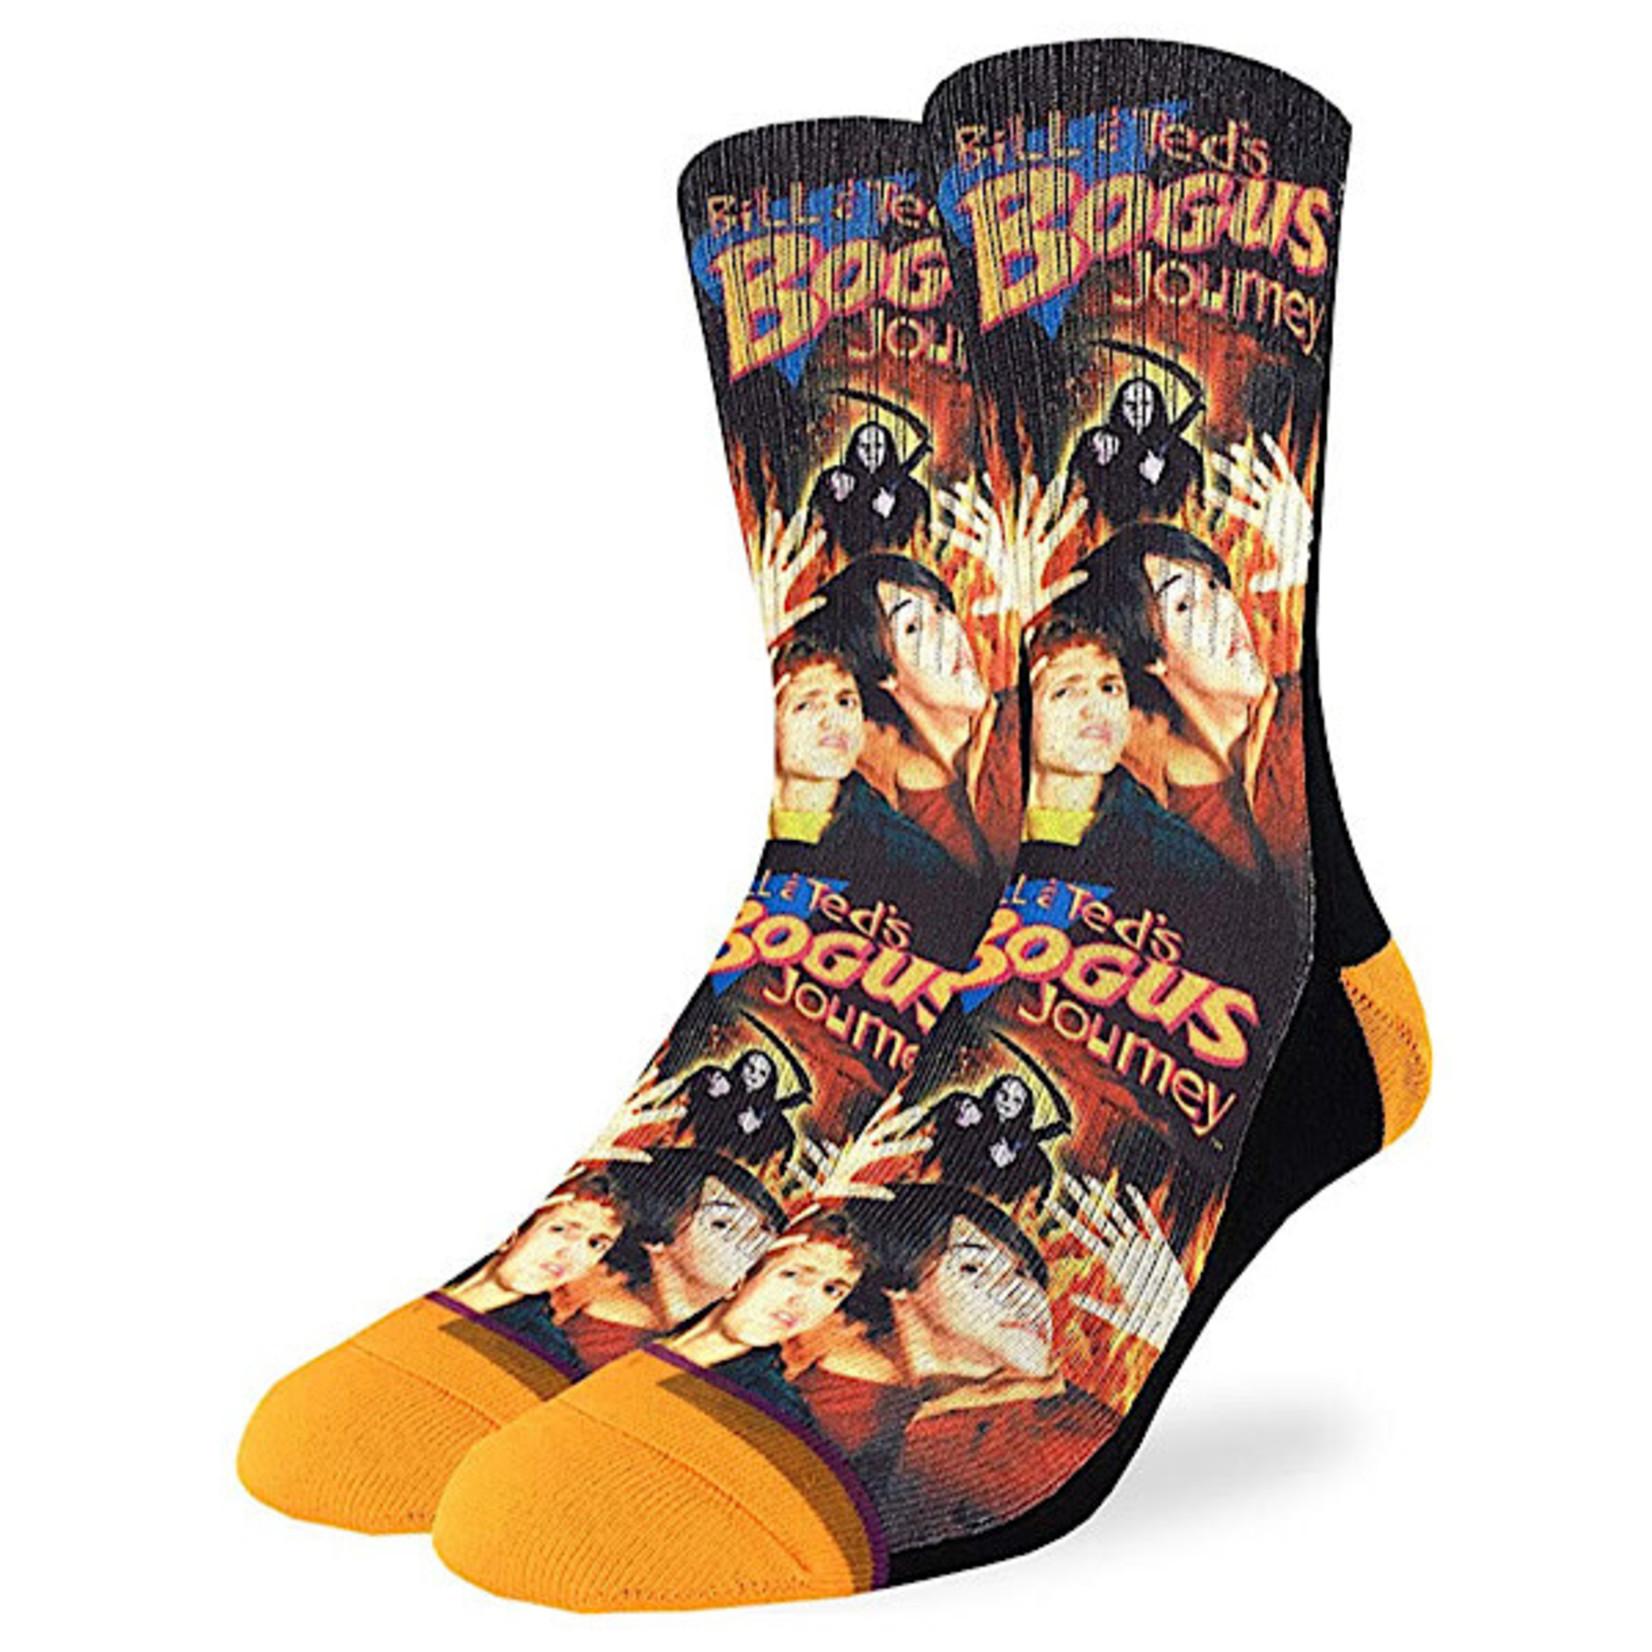 Socks (Mens) - Bill & Ted's Bogus Journey